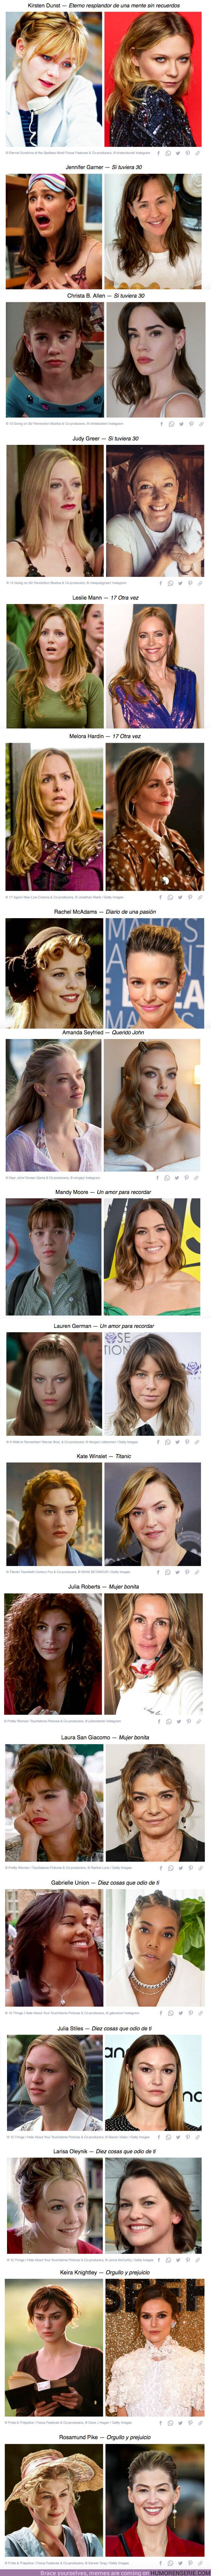 72544 - GALERÍA: Cómo se ven hoy en día 18 actrices de las películas más románticas de nuestra adolescencia